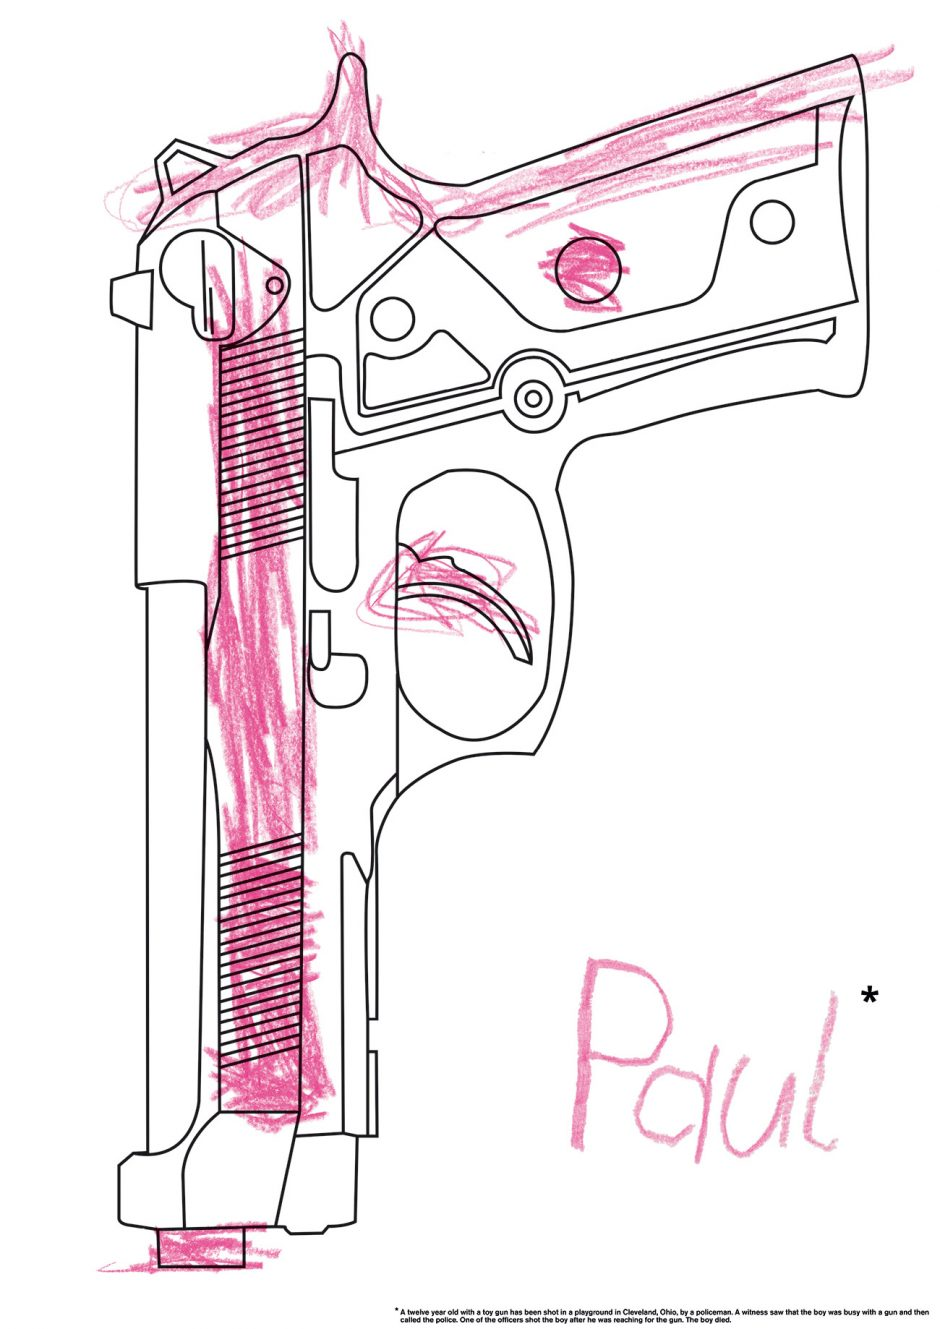 »Zwei Polizisten haben in den USA in der Stadt Cleveland (Ohio) einen Zwölfjährigen erschossen, nachdem der Junge auf einem Spielplatz eine Spielzeugpistole gezogen hatte.«